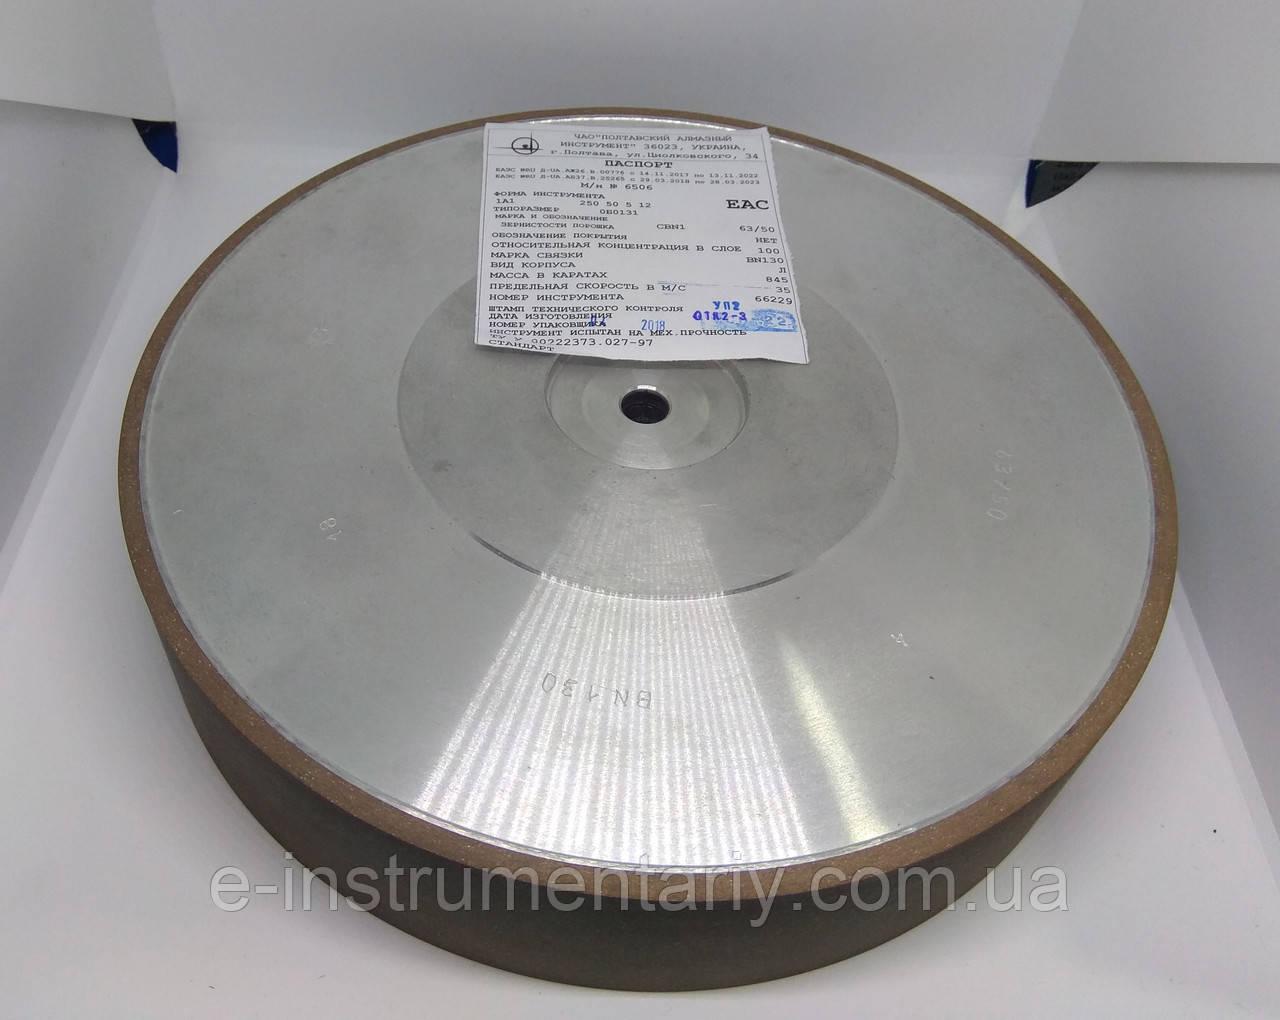 Эльборовый круг ПП (1А1) 250х50х5х12 Станки Tormek, JET 100% СВN1 Зерно 125/100